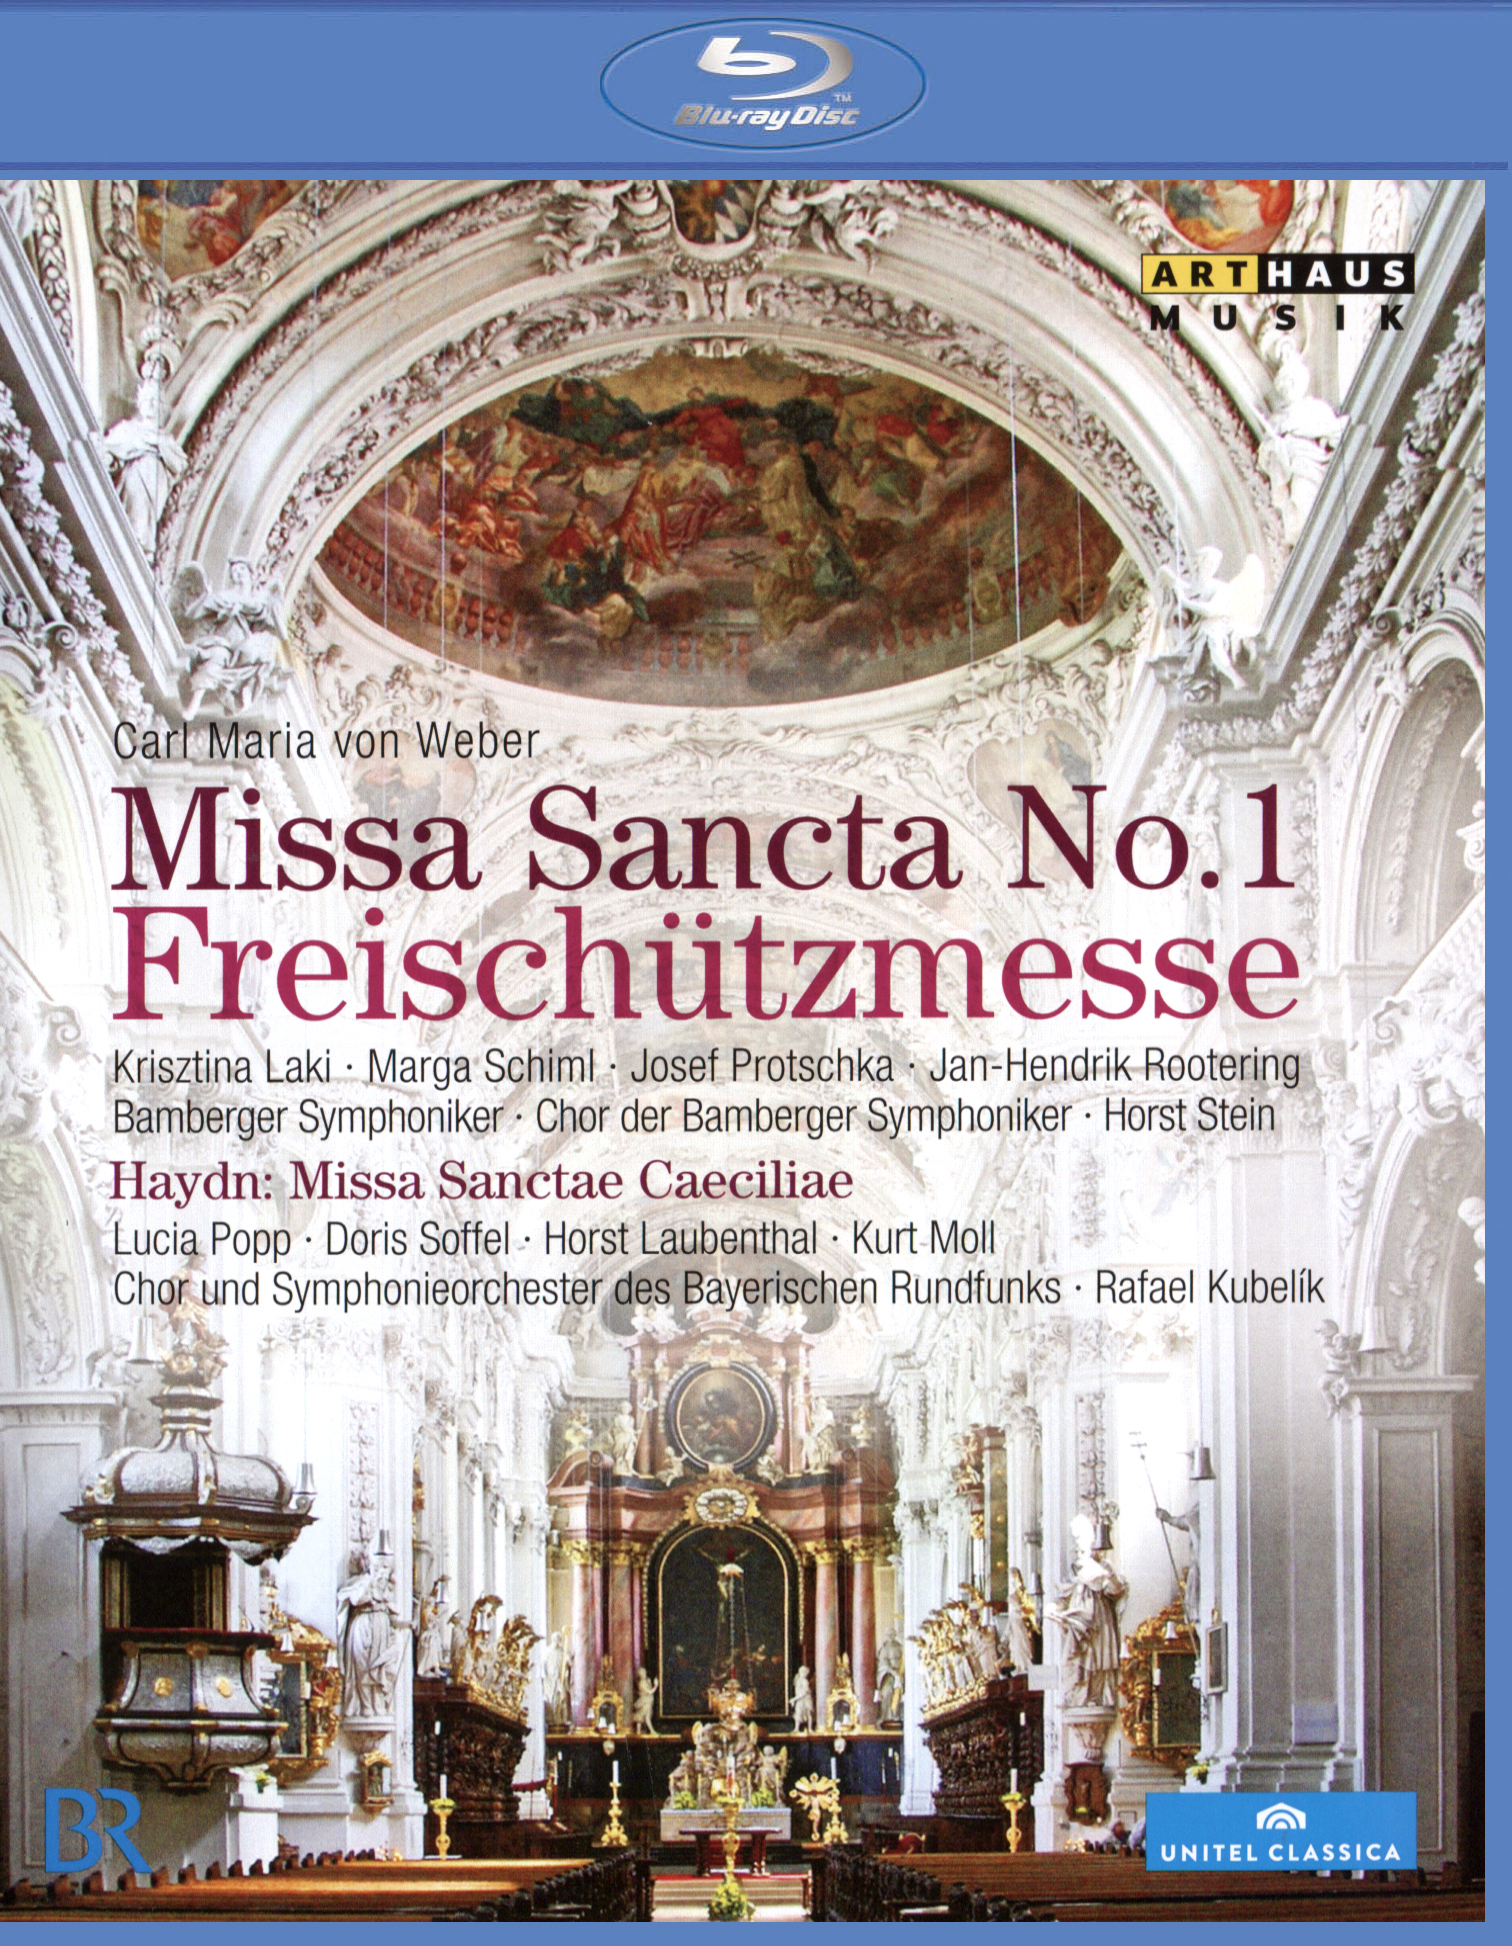 Von Weber: Missa Sancta No. 1 - Freischützmesse/Haydn: Missa Sanctae Caeciliae